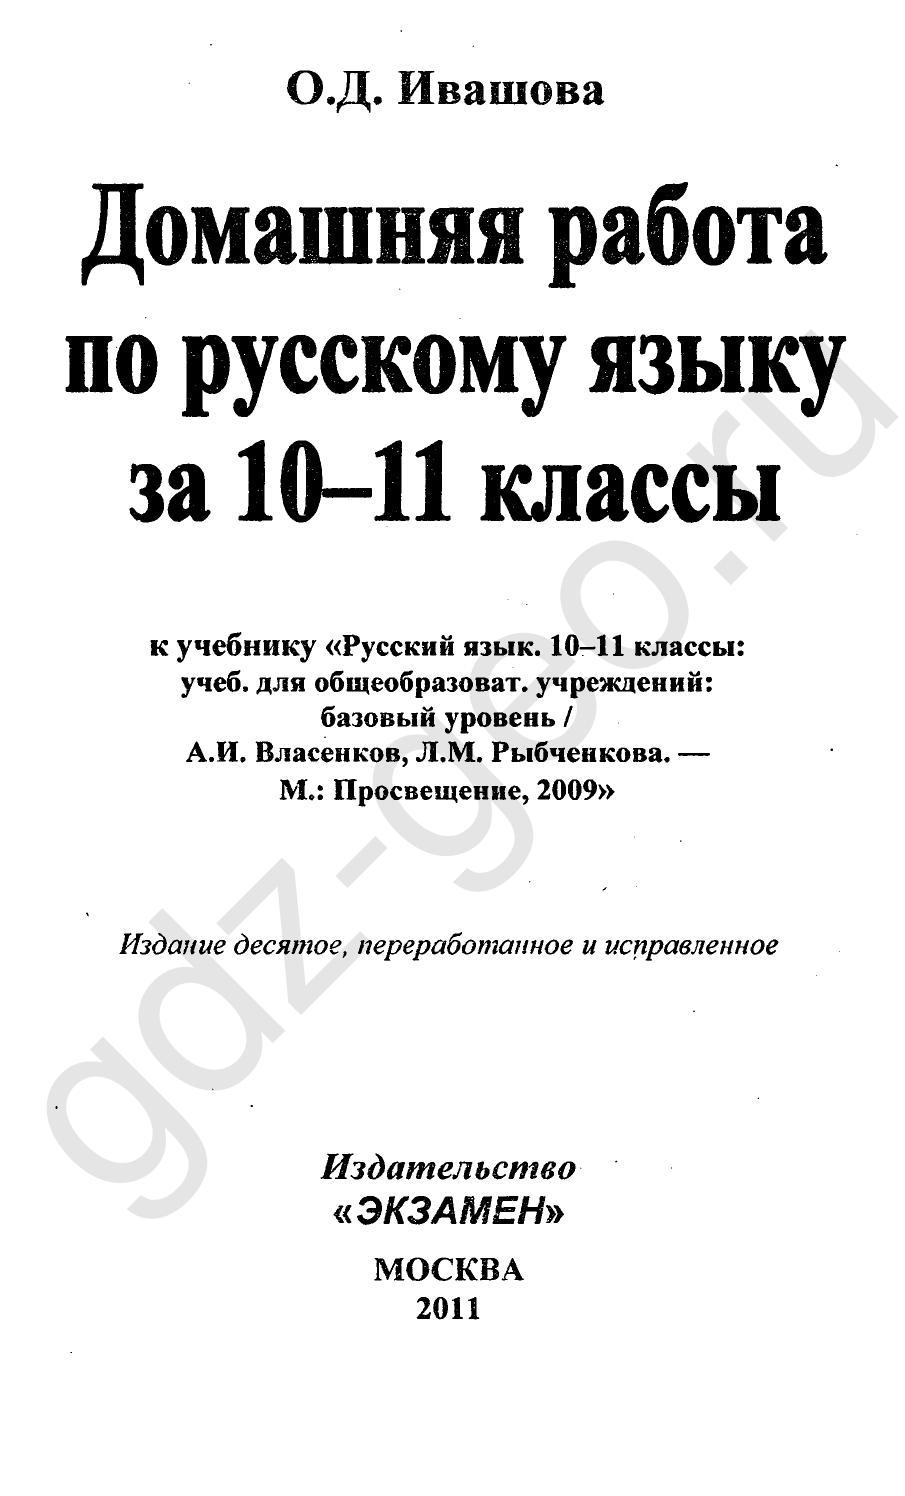 Гдз По Русскому Языку 10 11 Класс Власенков Рыбченкова 3 Издание